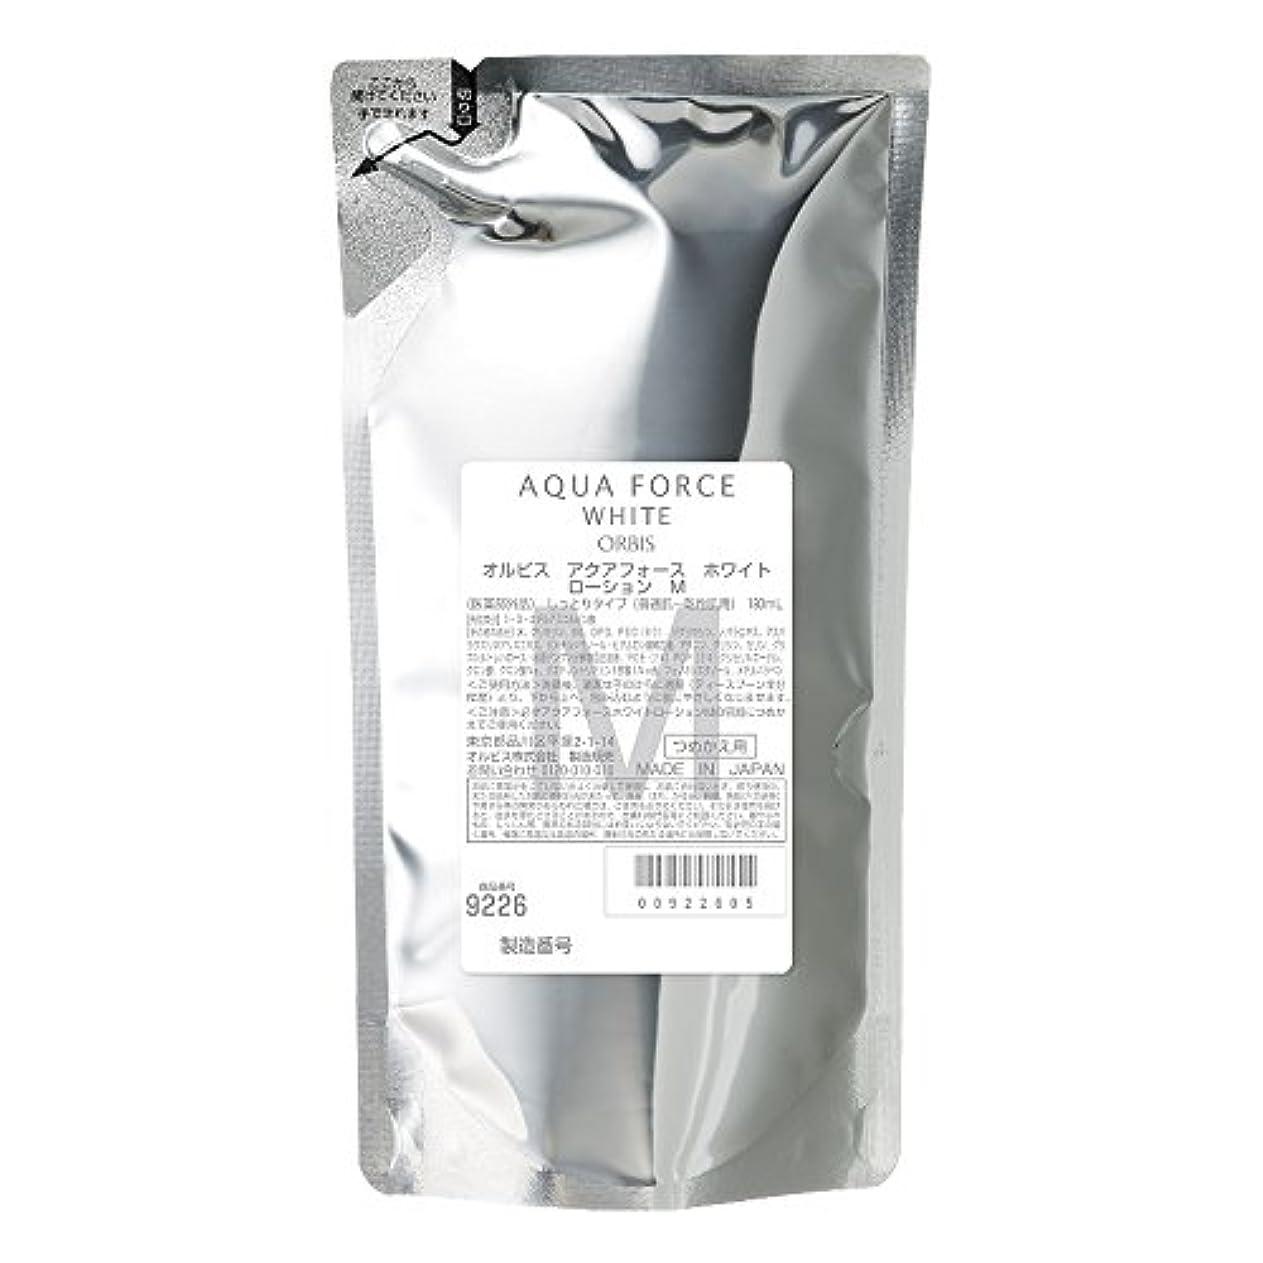 定期的な主張減少オルビス(ORBIS) アクアフォースホワイトローション Mタイプ(しっとり) つめかえ用 180mL ◎薬用美白化粧水◎